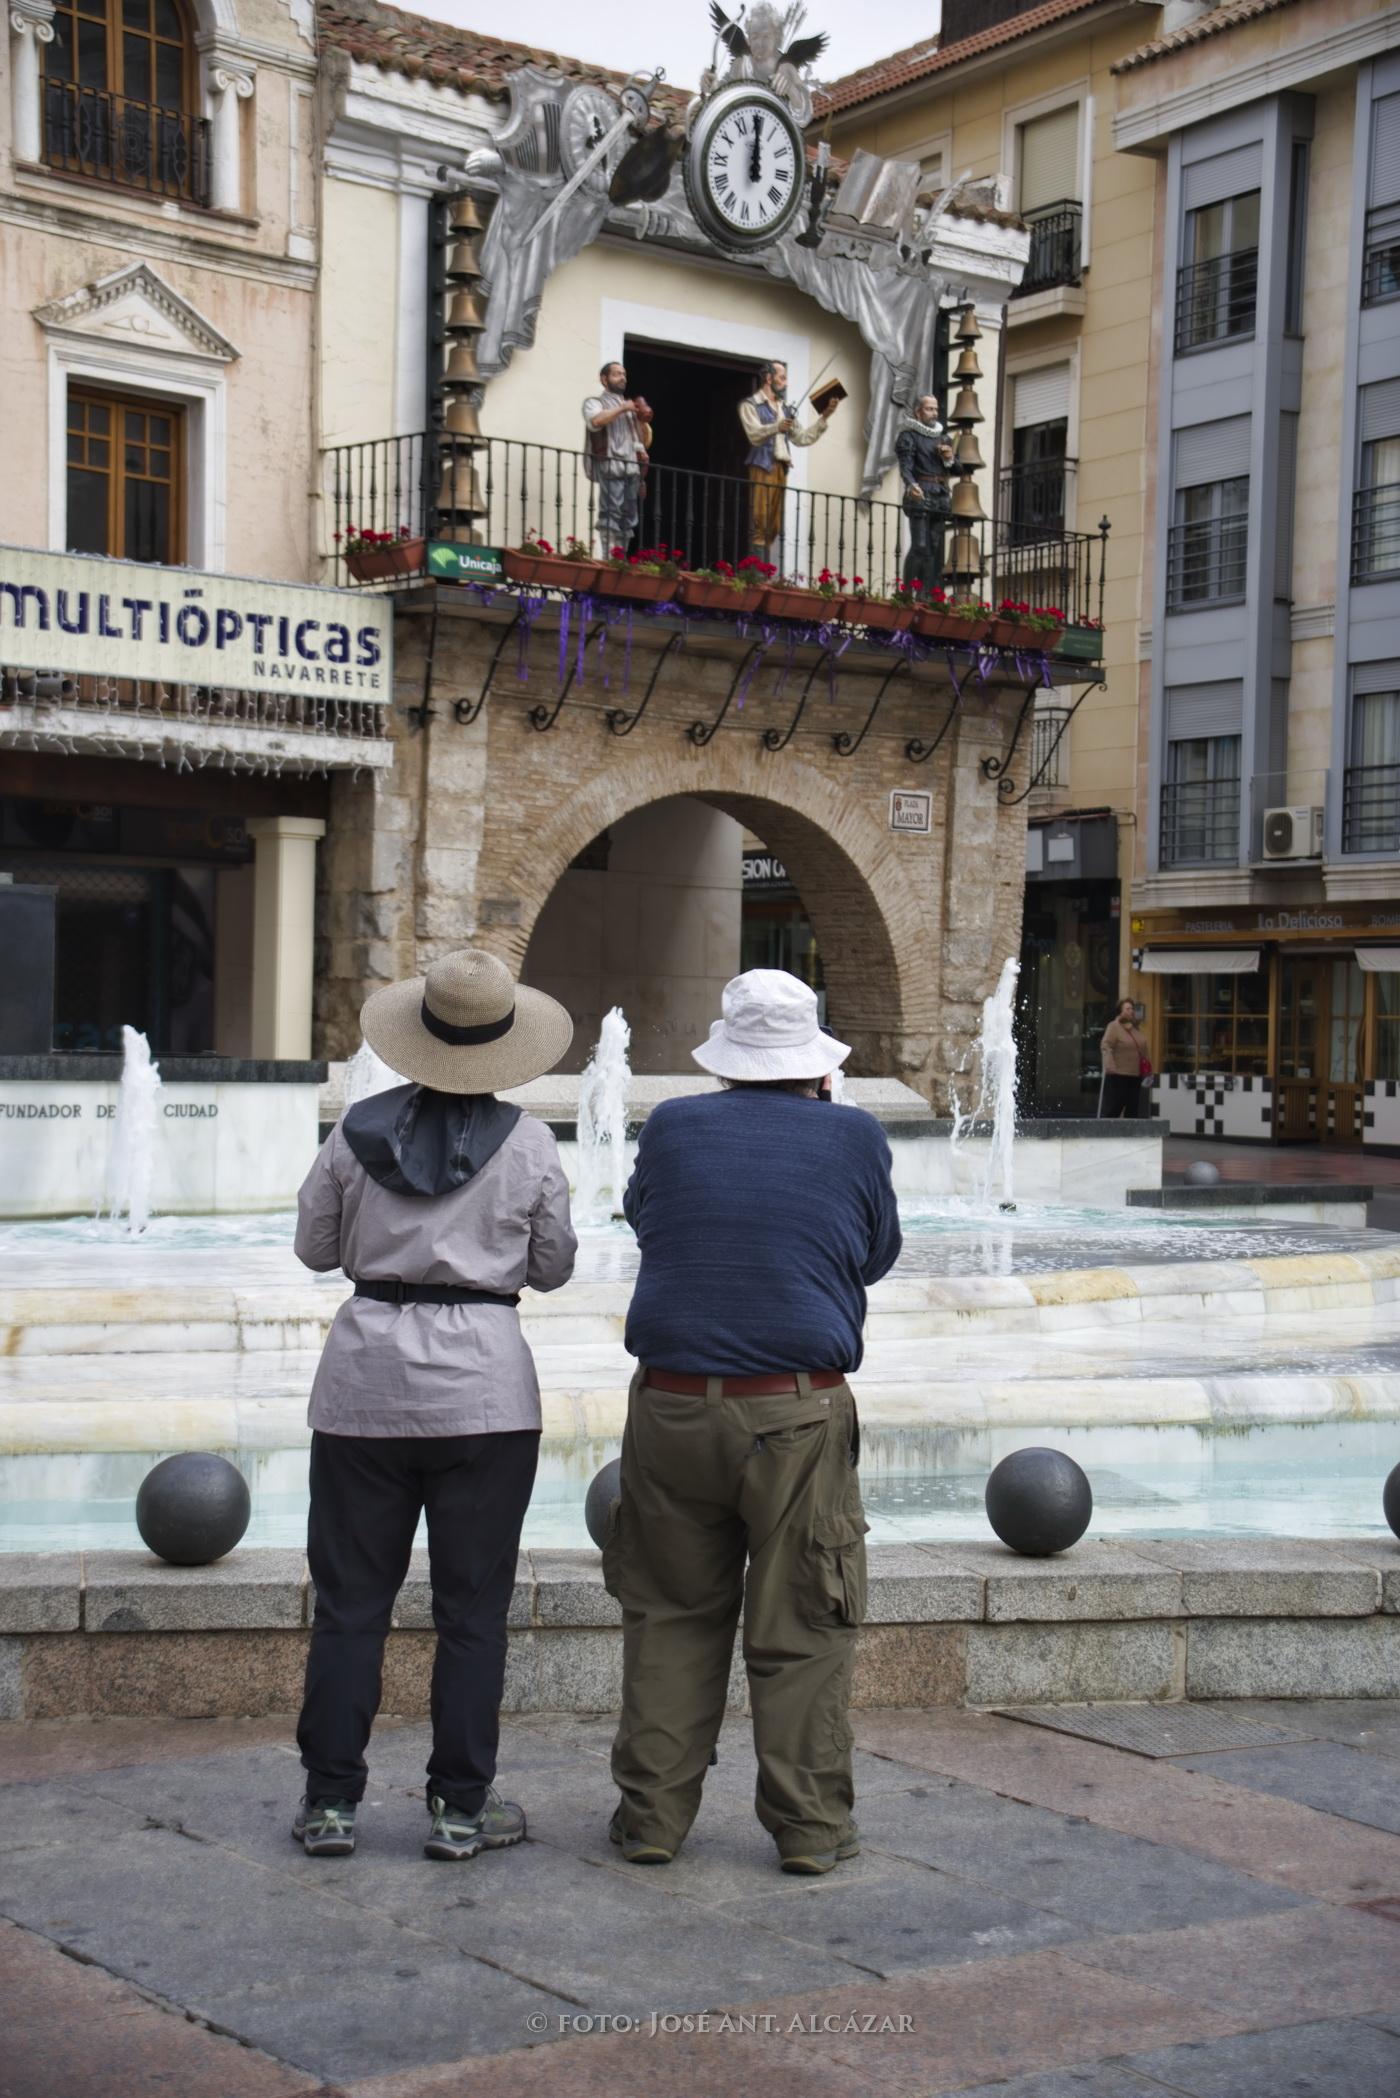 Una pareja de turistas orientales fotografiando el reloj de la Plaza Mayor de Ciudad Real